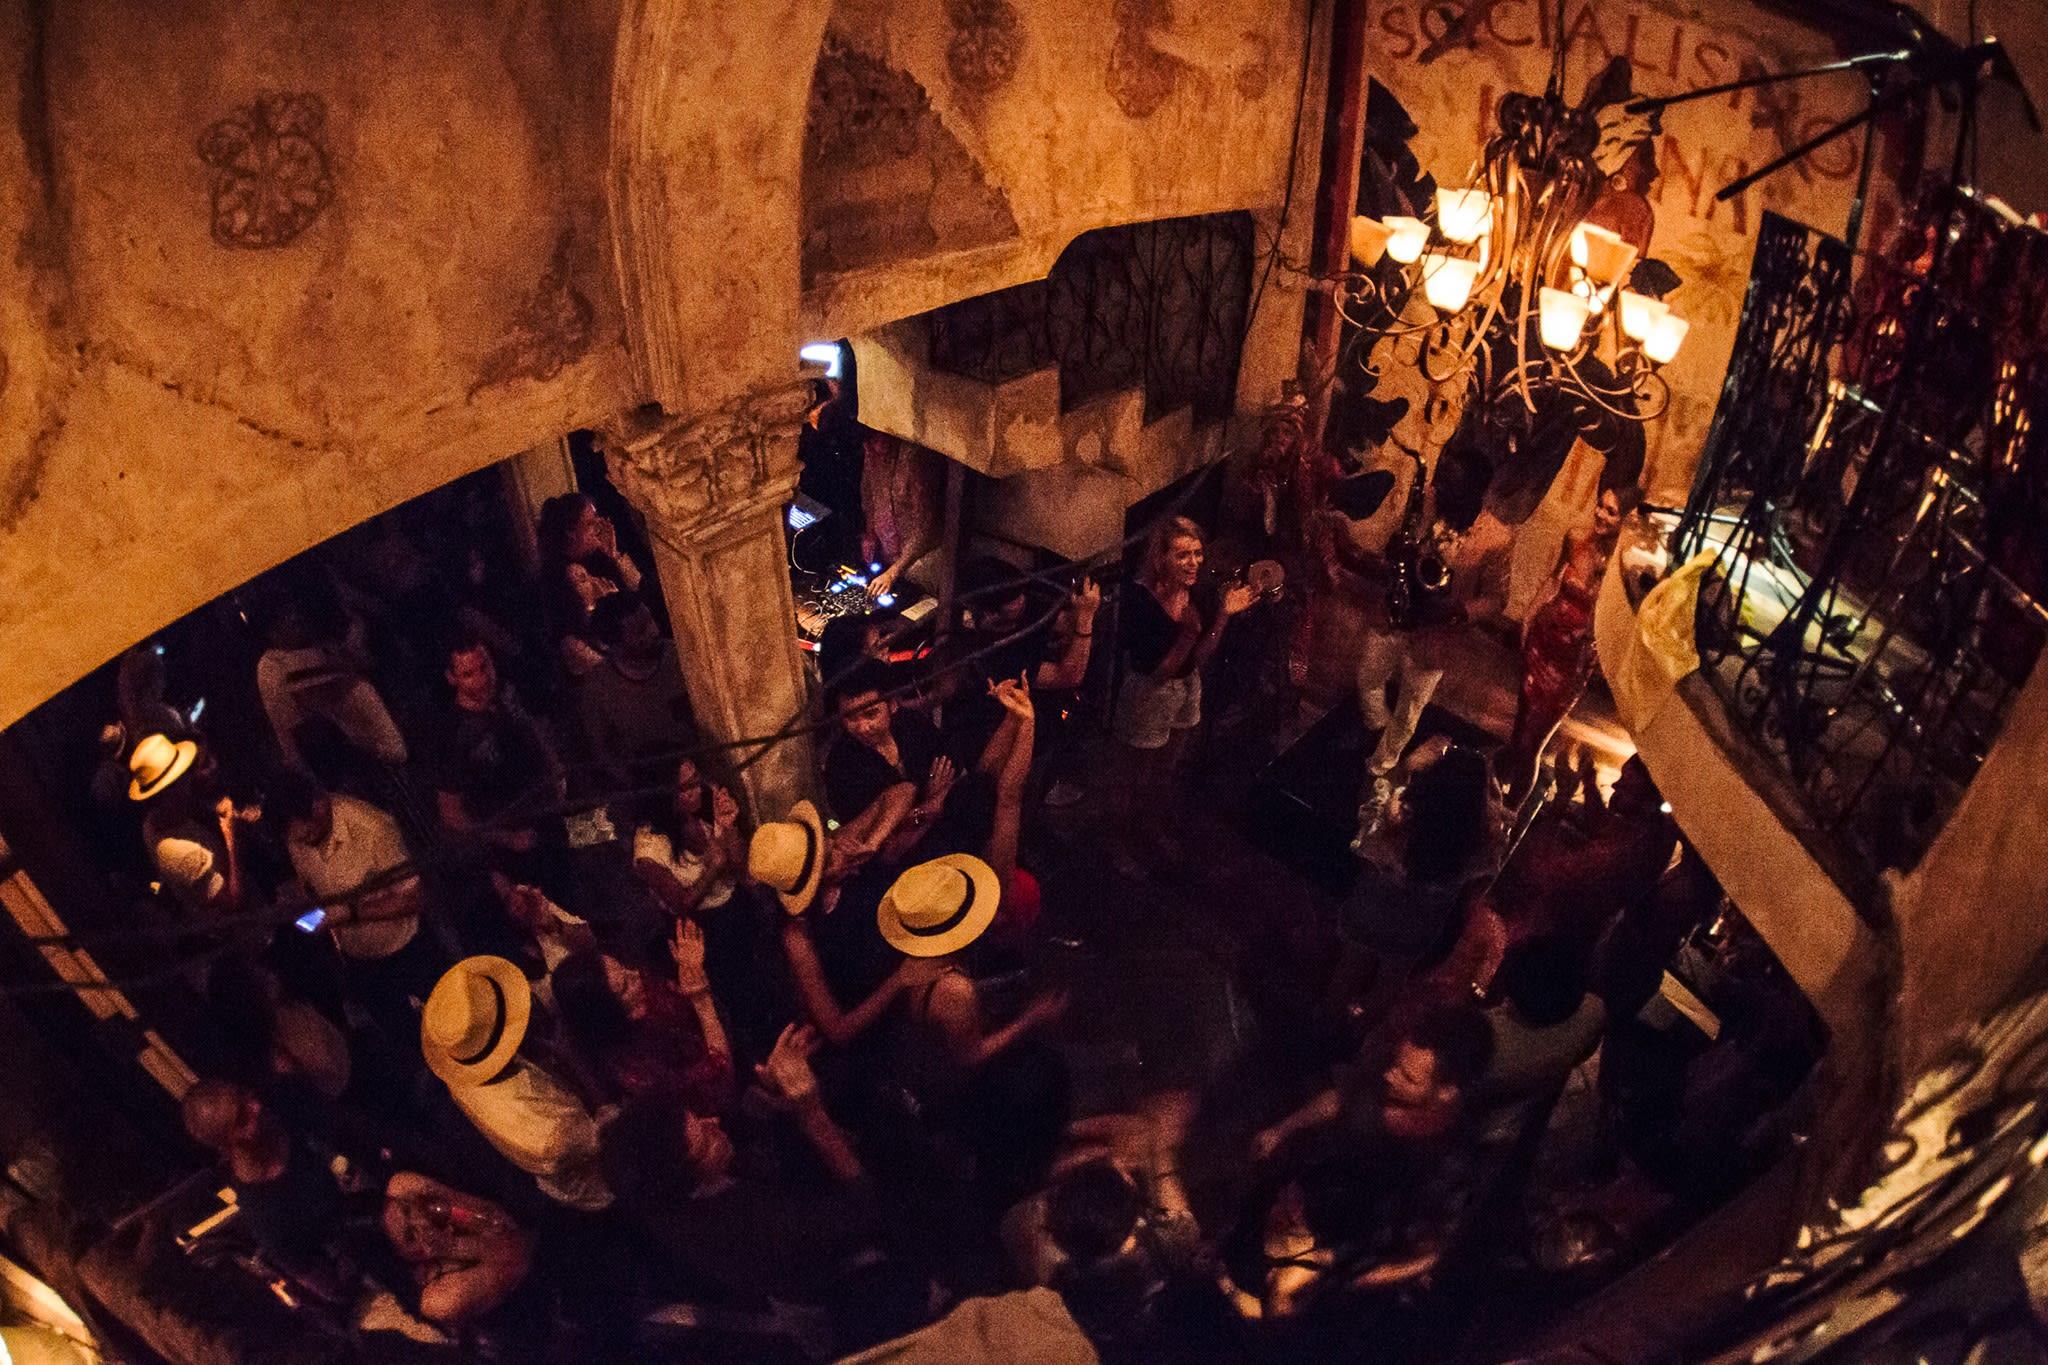 一群人在跳騷莎舞|圖片來源:Havana Social 臉書 http://bit.ly/2sNAKSM